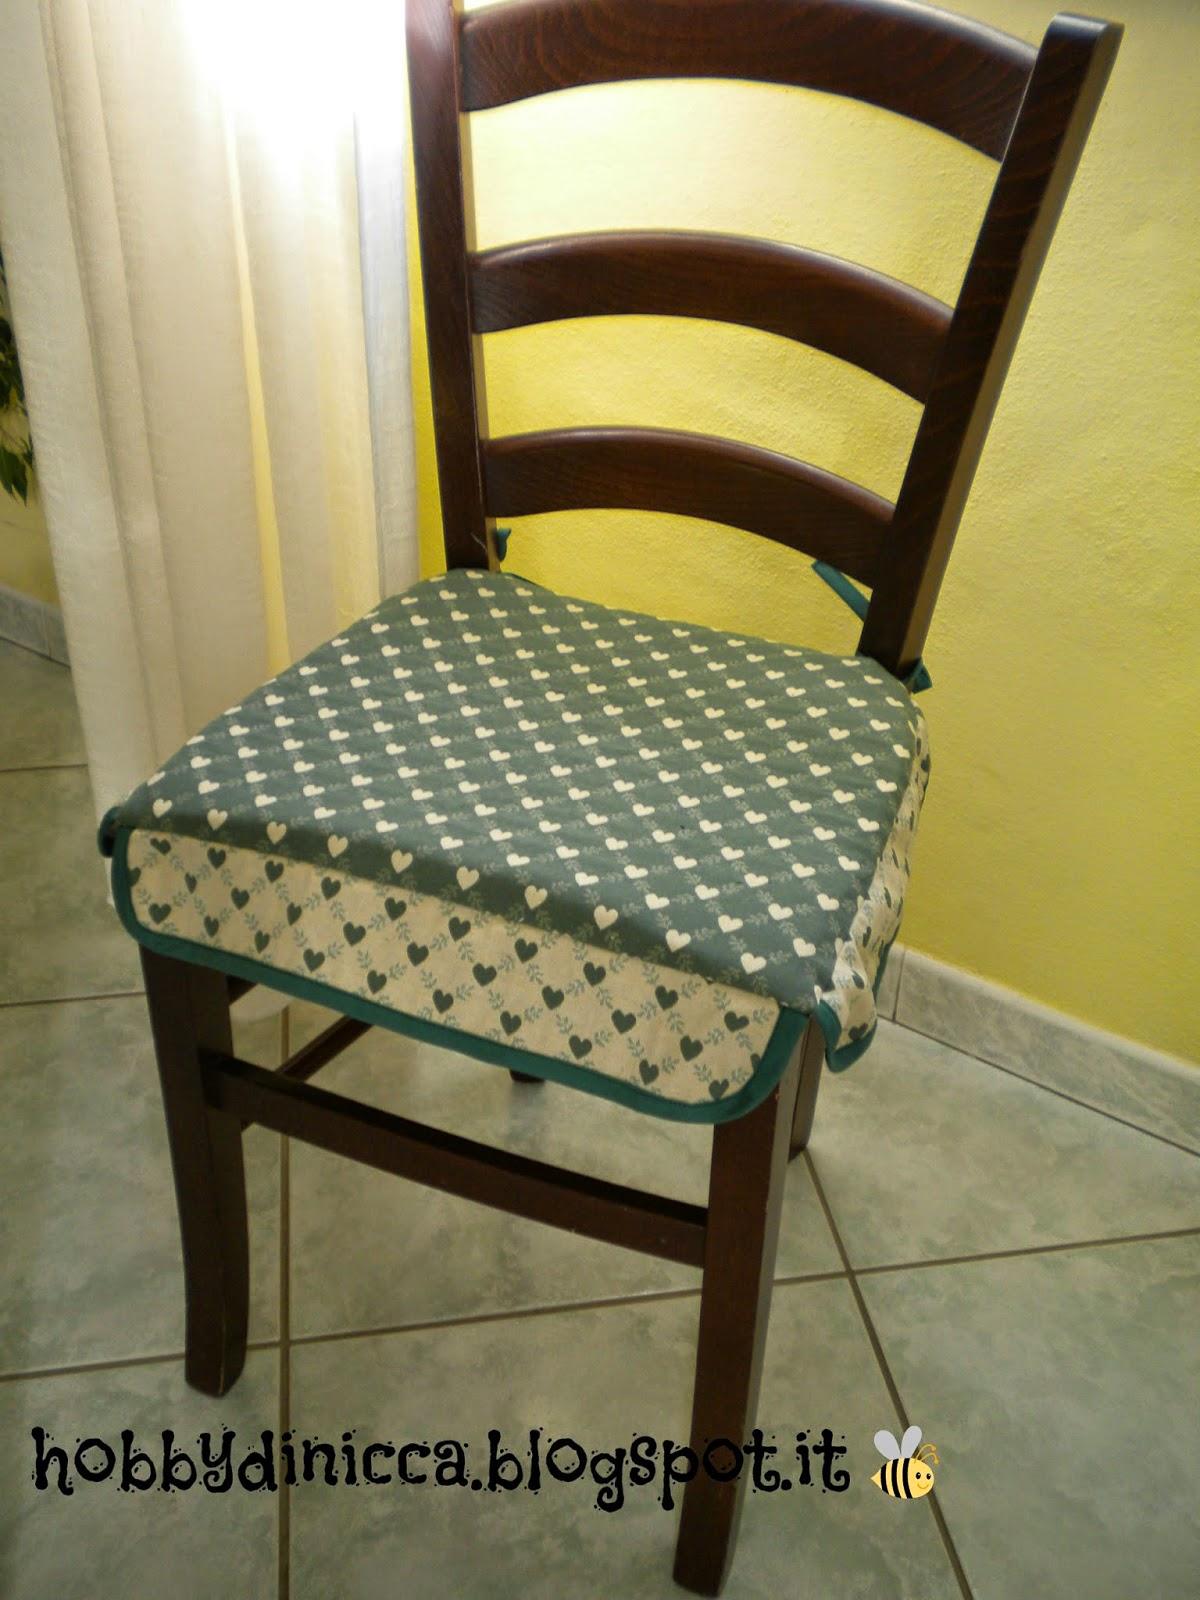 Cuscino per sedie tutorial hobbydinicca for Modelli di sedie per cucina